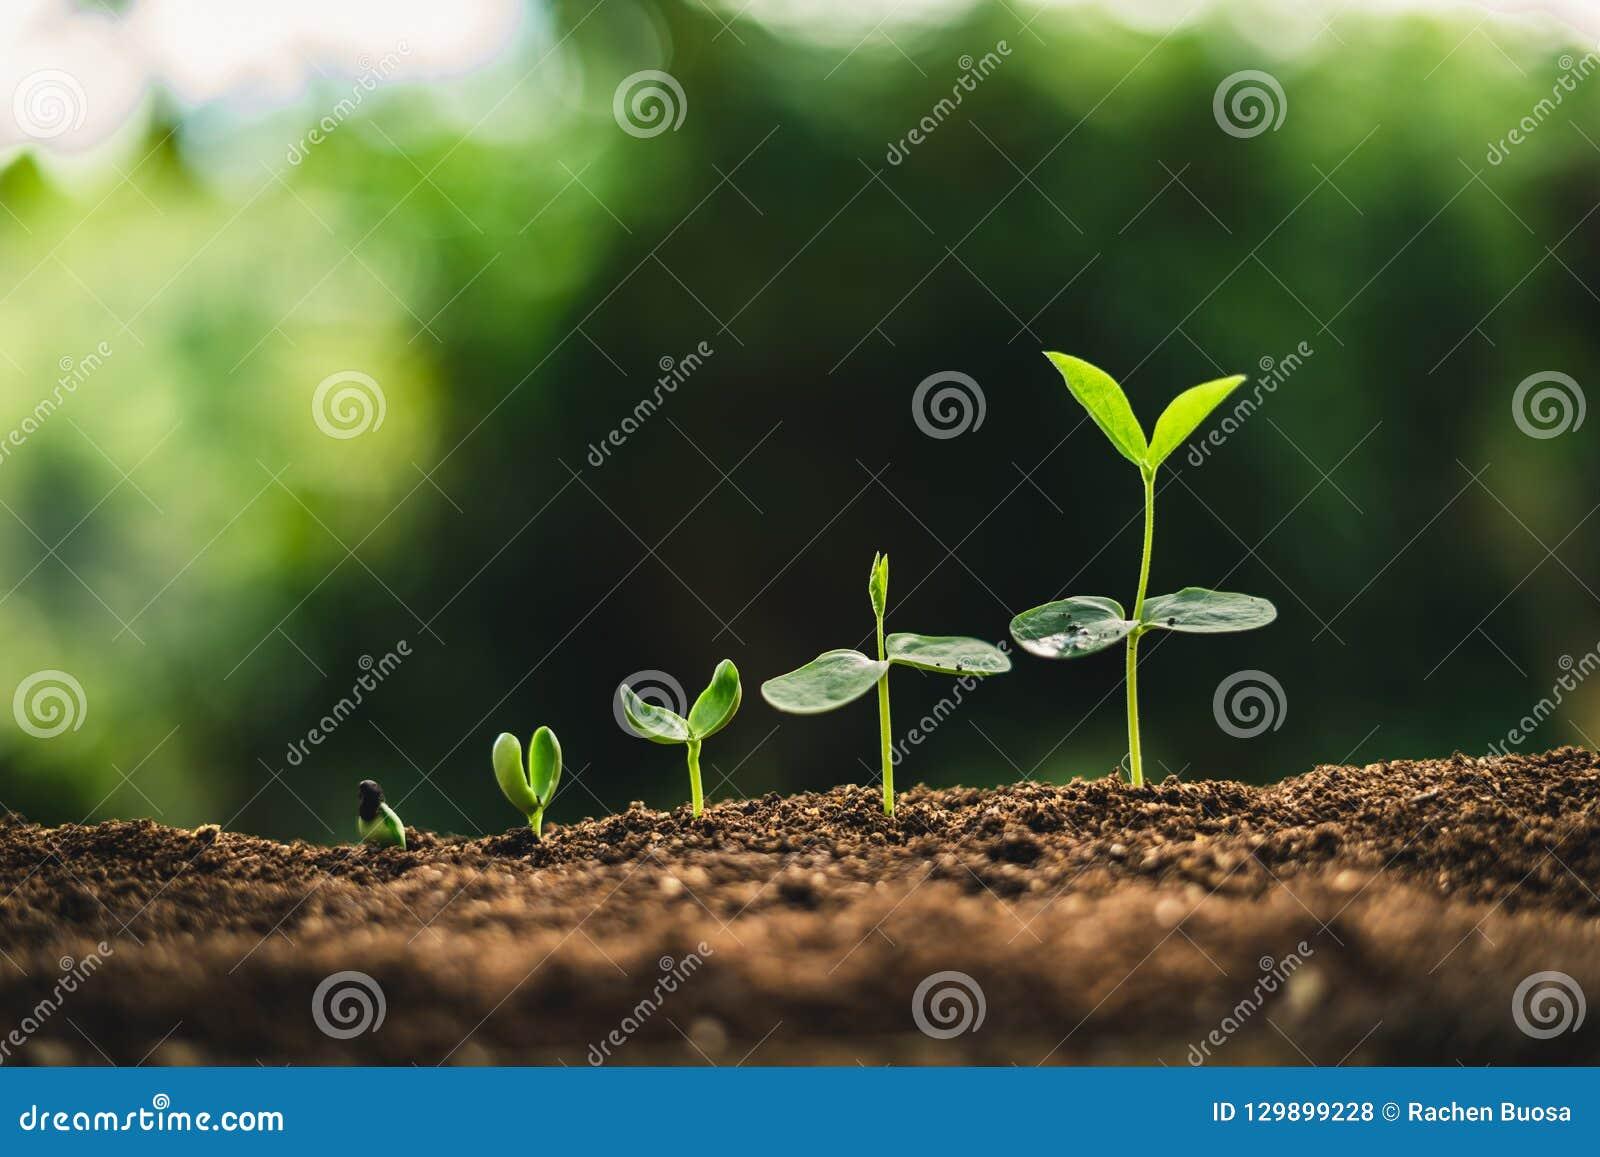 Plante el crecimiento de los árboles del establecimiento de semillas, las semillas están germinando en suelos de la buena calidad